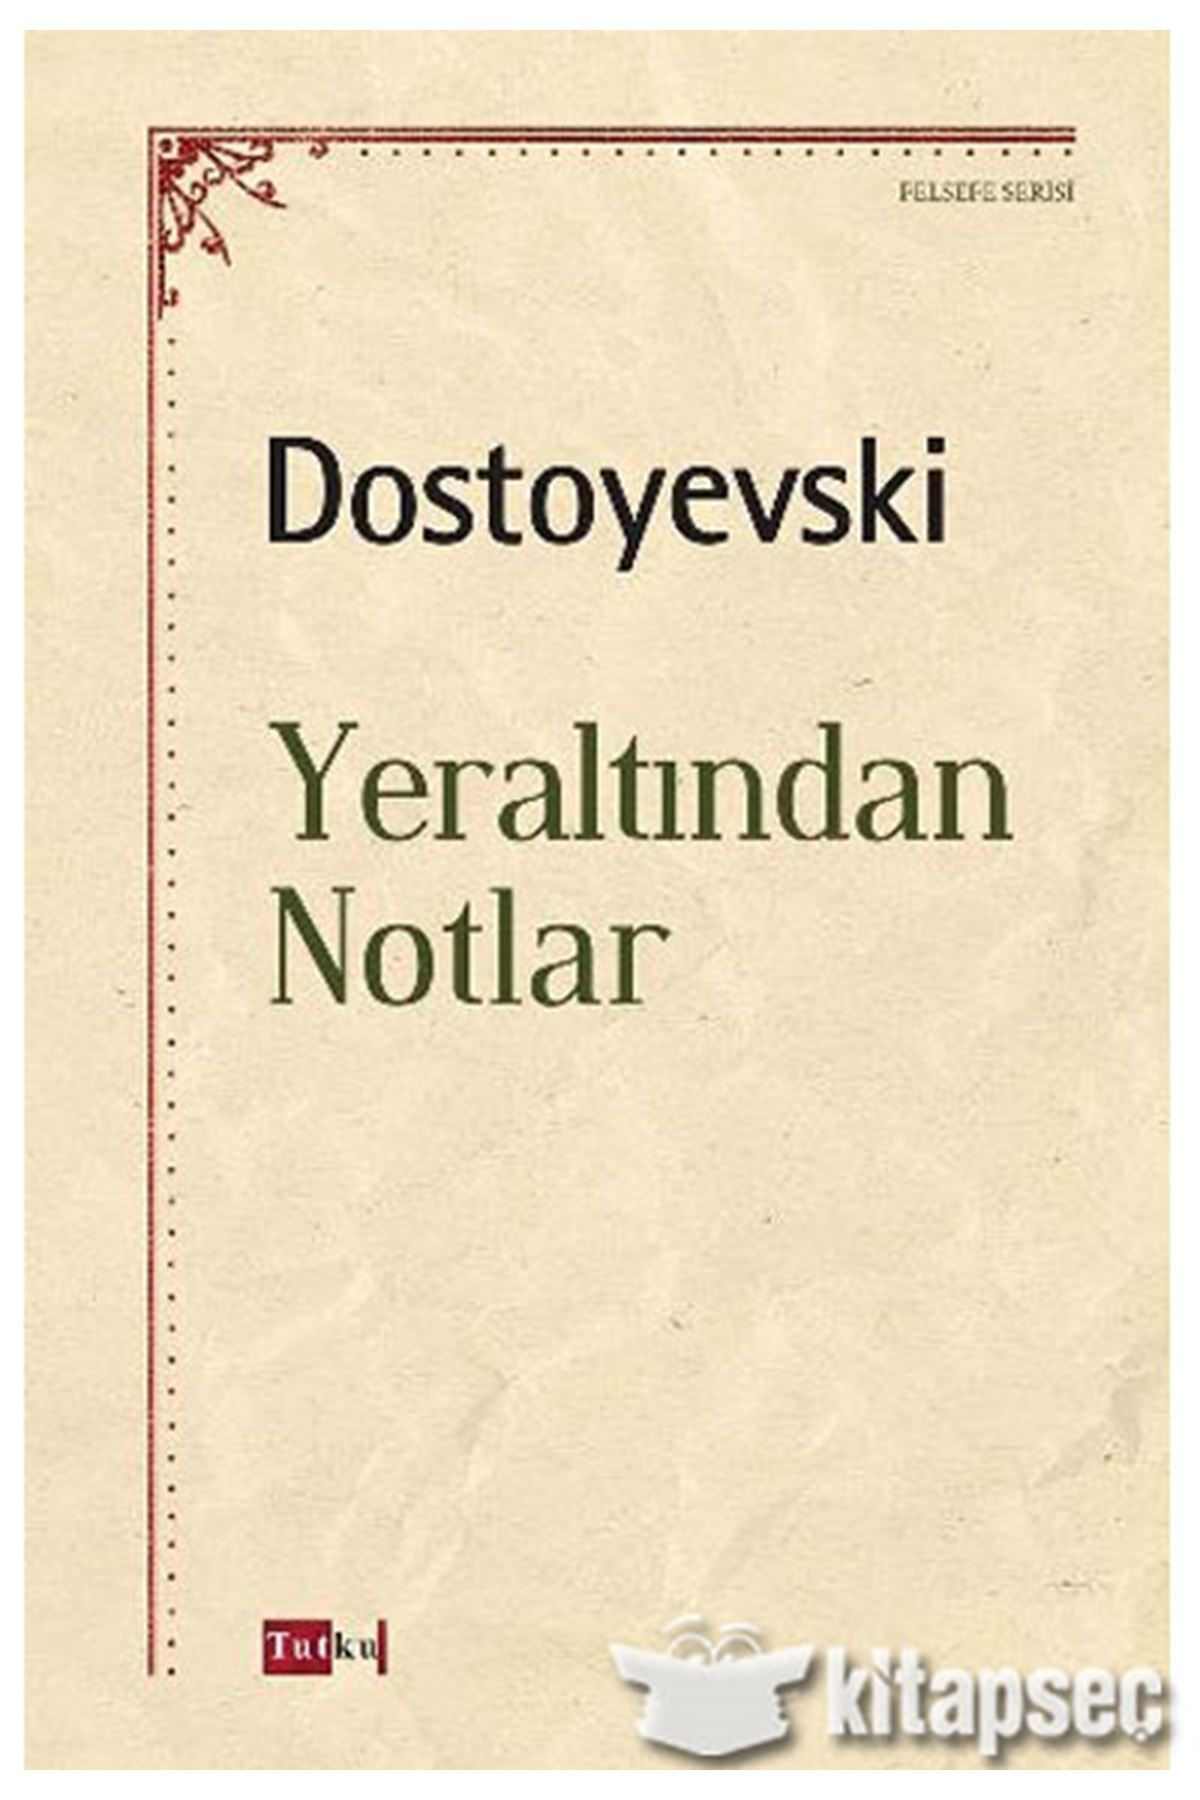 DOSTOYEVSKİ - YERALTINDAN NOTLAR